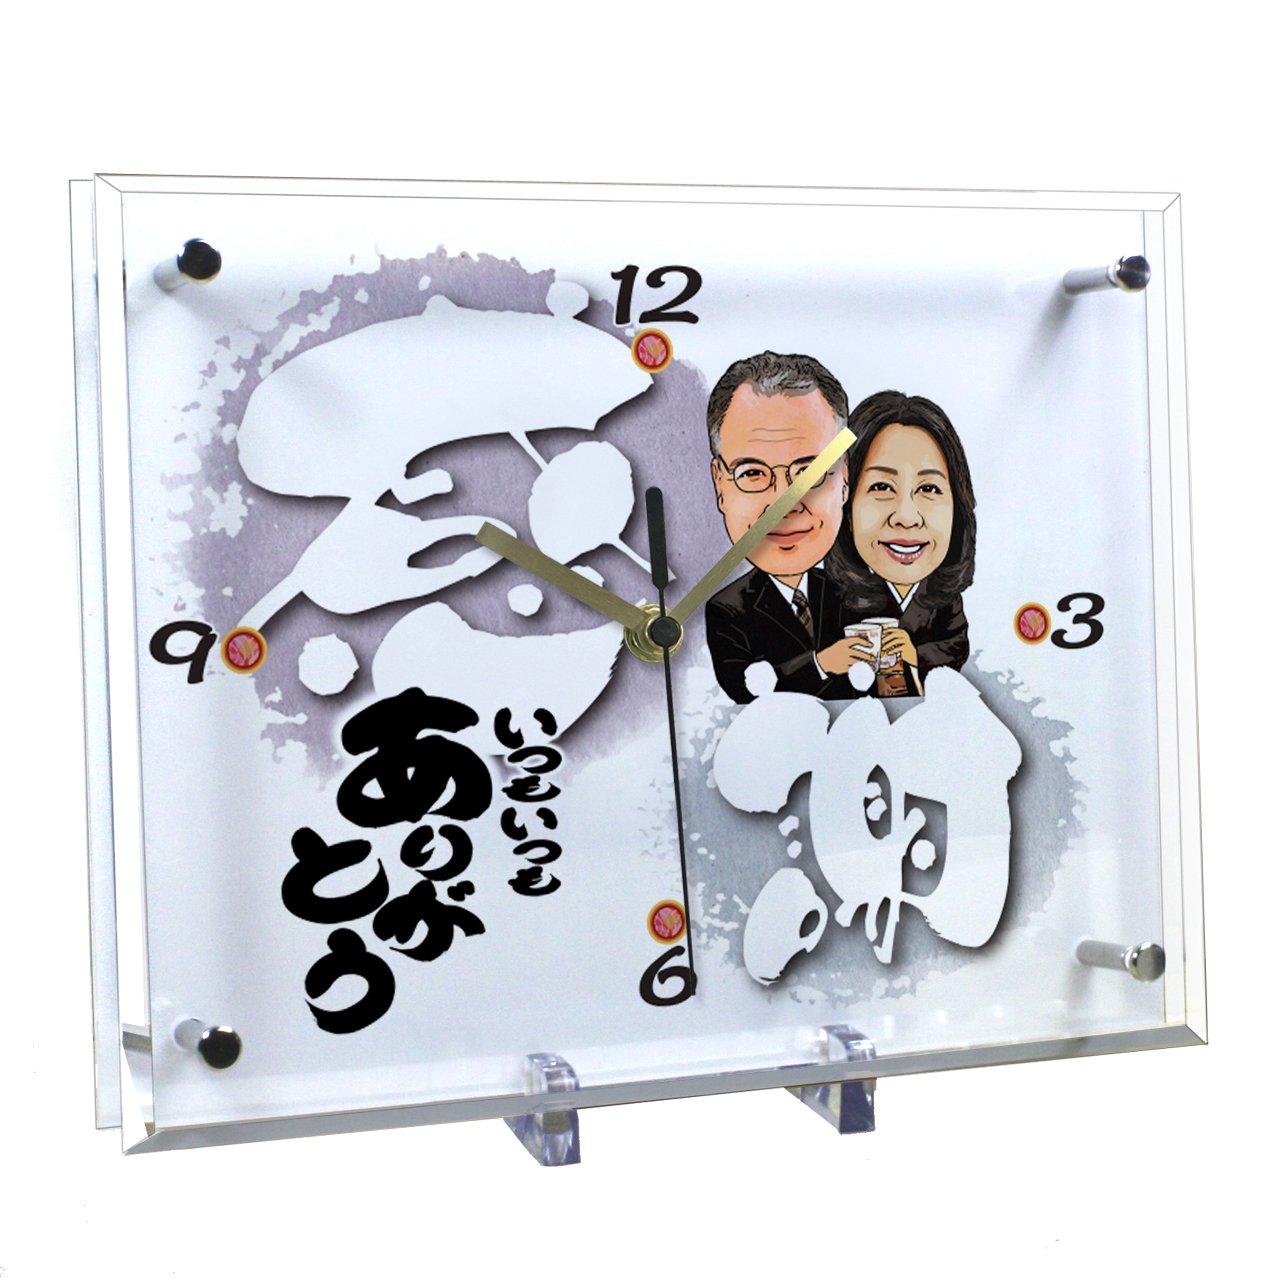 金婚式プレゼント 似顔絵時計 大サイズ N-5 銀婚式 結婚記念日両親プレゼント B074FVBYMS